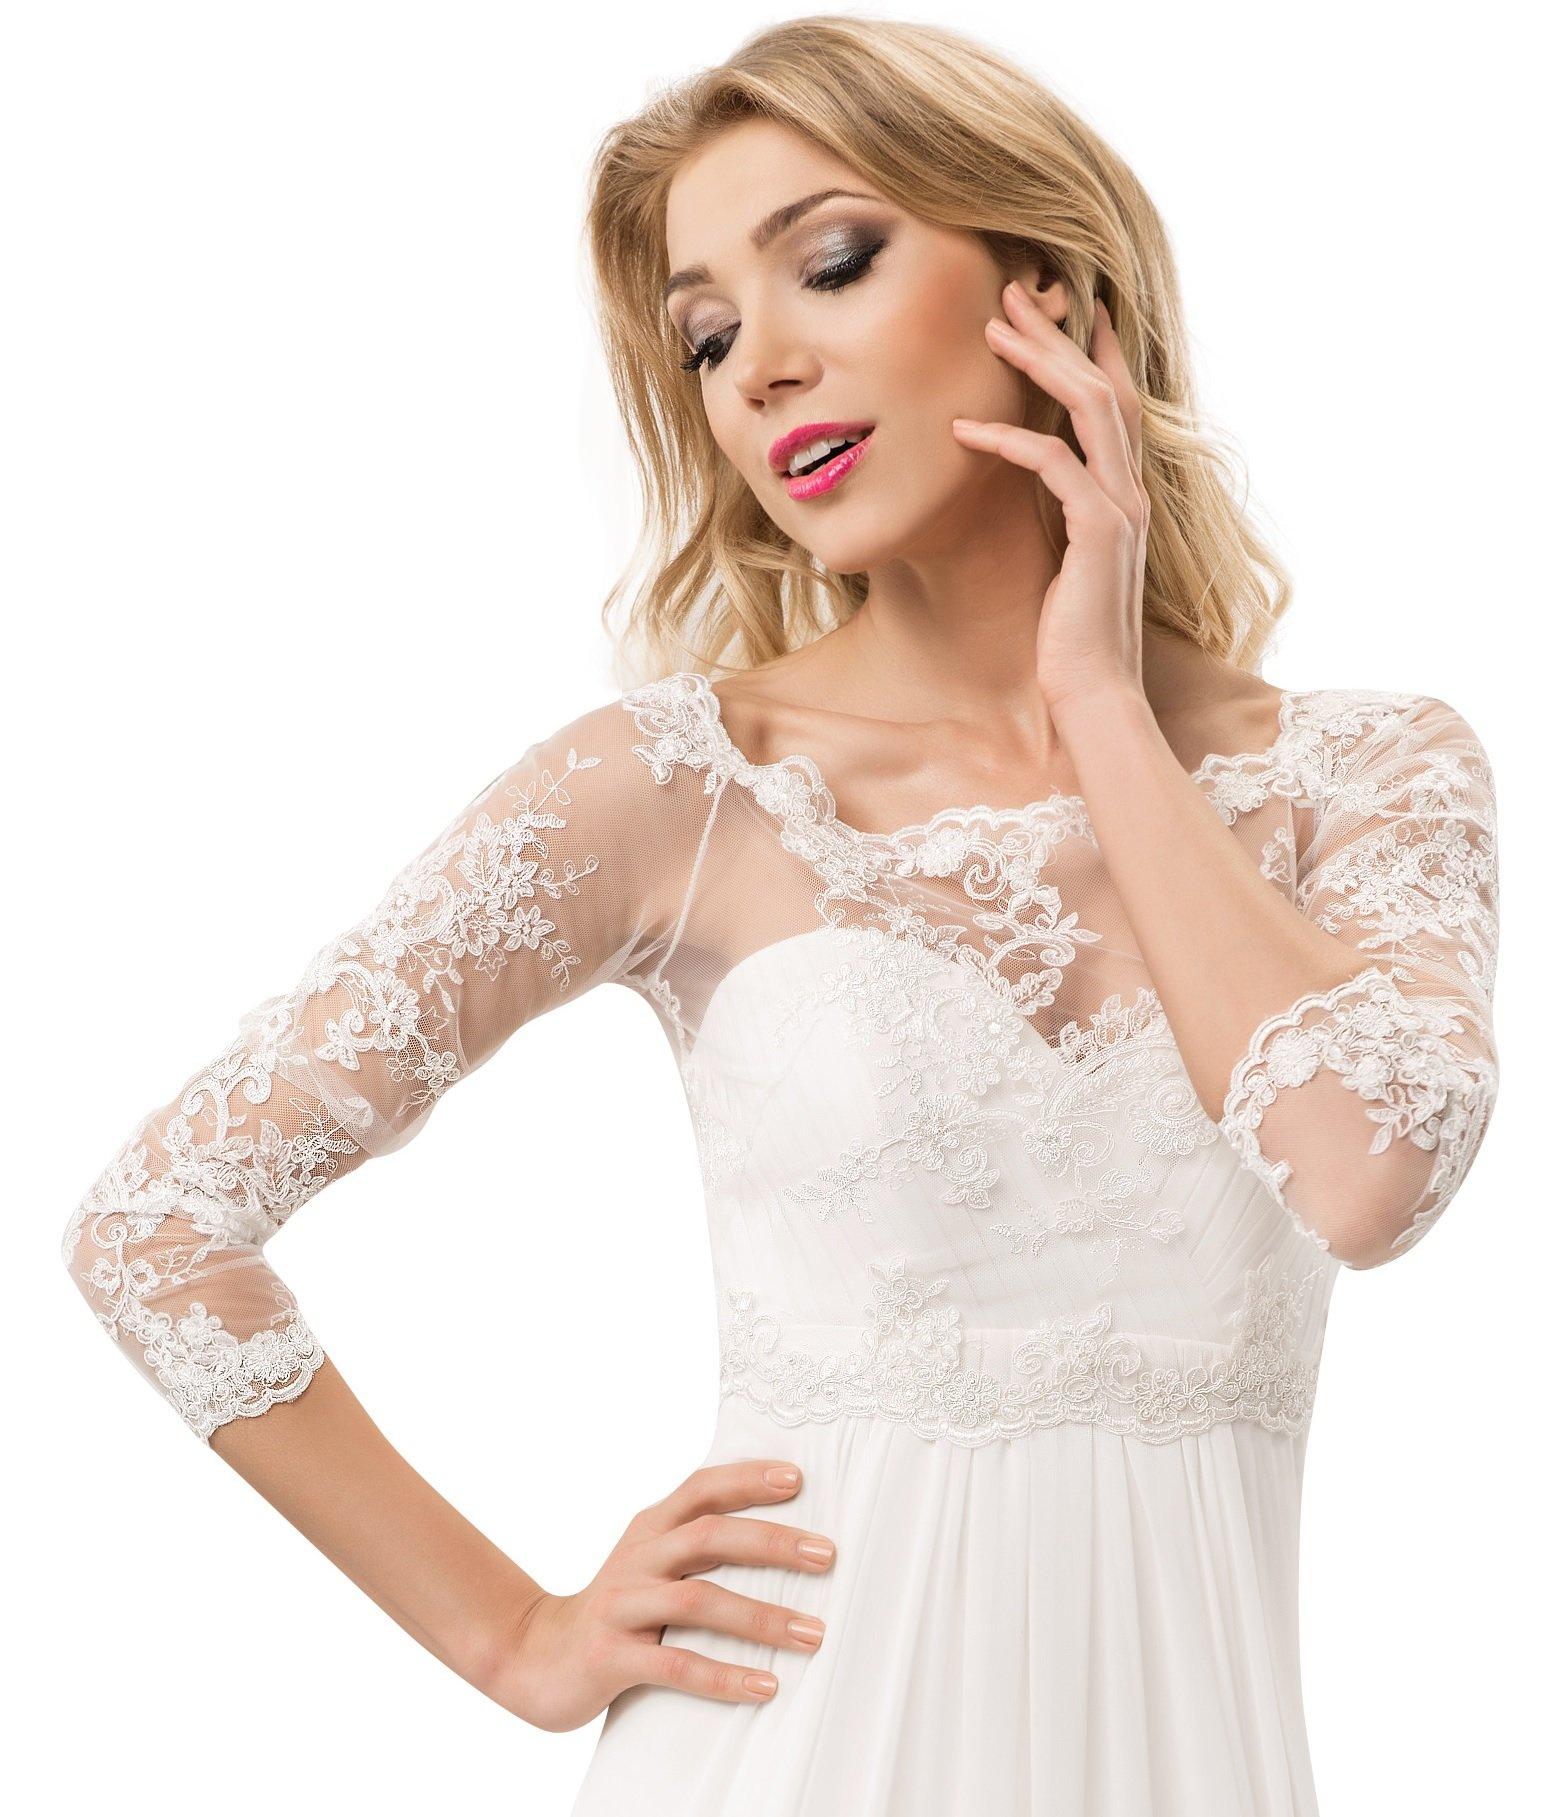 Bridal Lace Up Corset Bolero Shrug Jacket For Wedding Dress With Long Sleeve